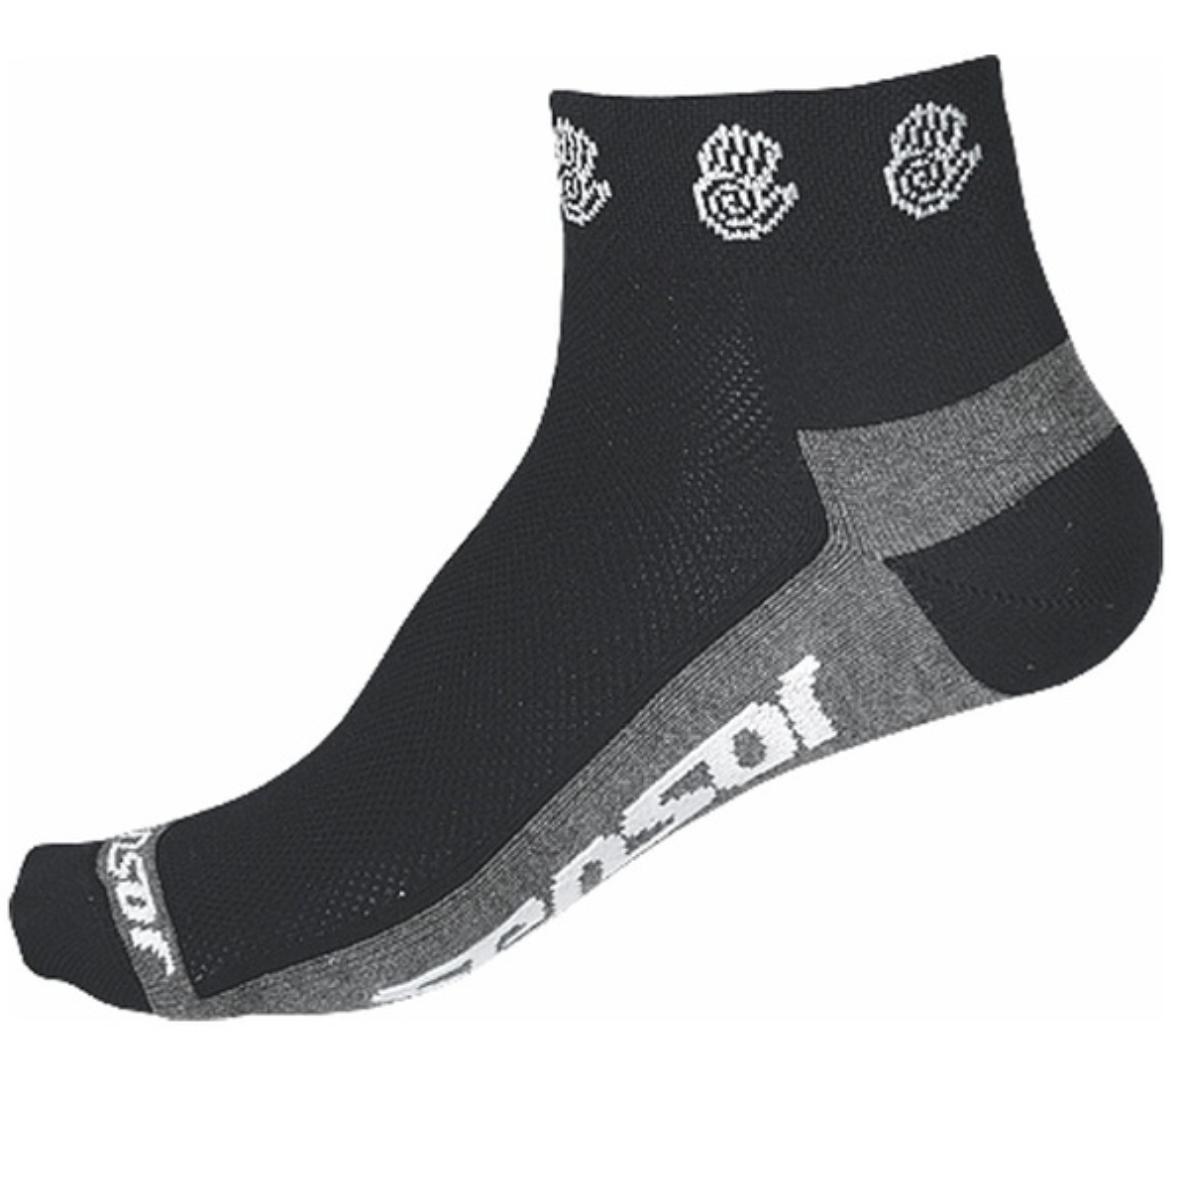 Ponožky SENSOR Race Lite Ručičky černé vel. 9-11